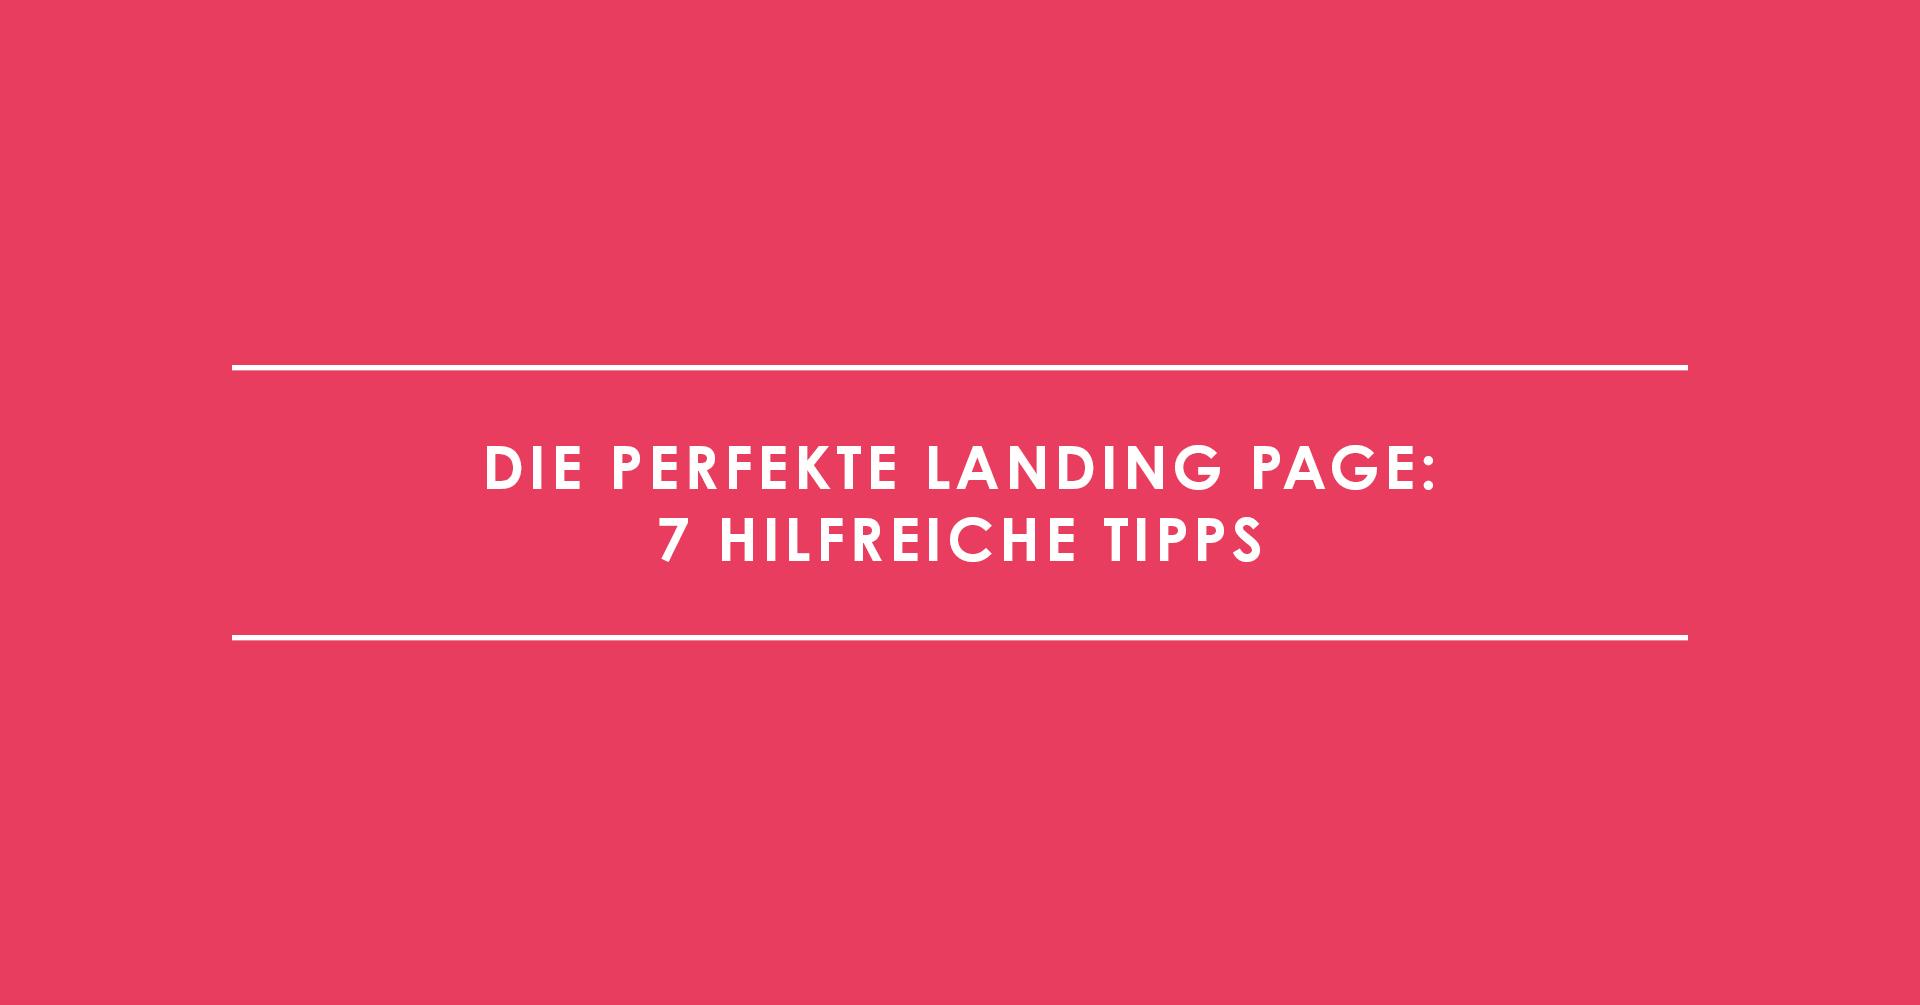 Die perfekte Landing Page: 7 hilfreiche Tipps